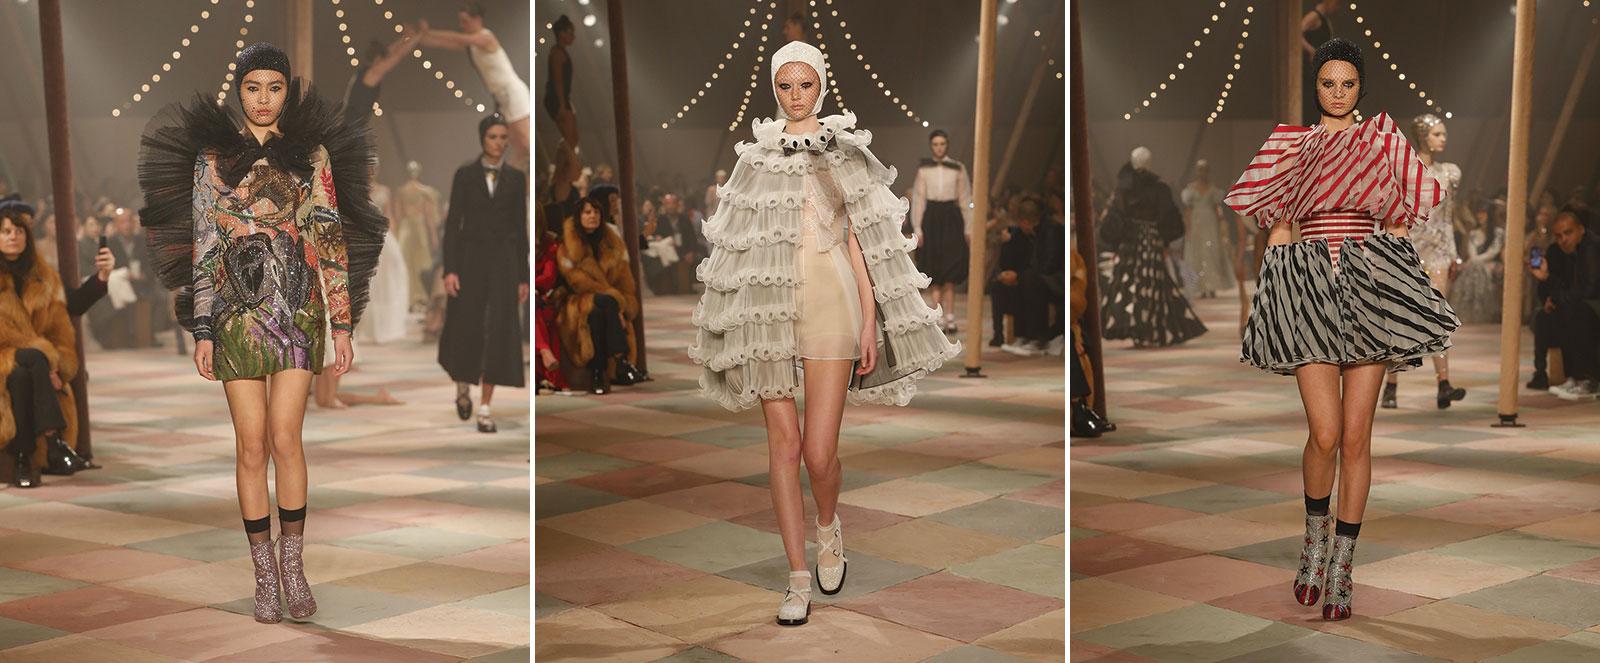 Circo Haute Couture Dior Spring-Summer 2019